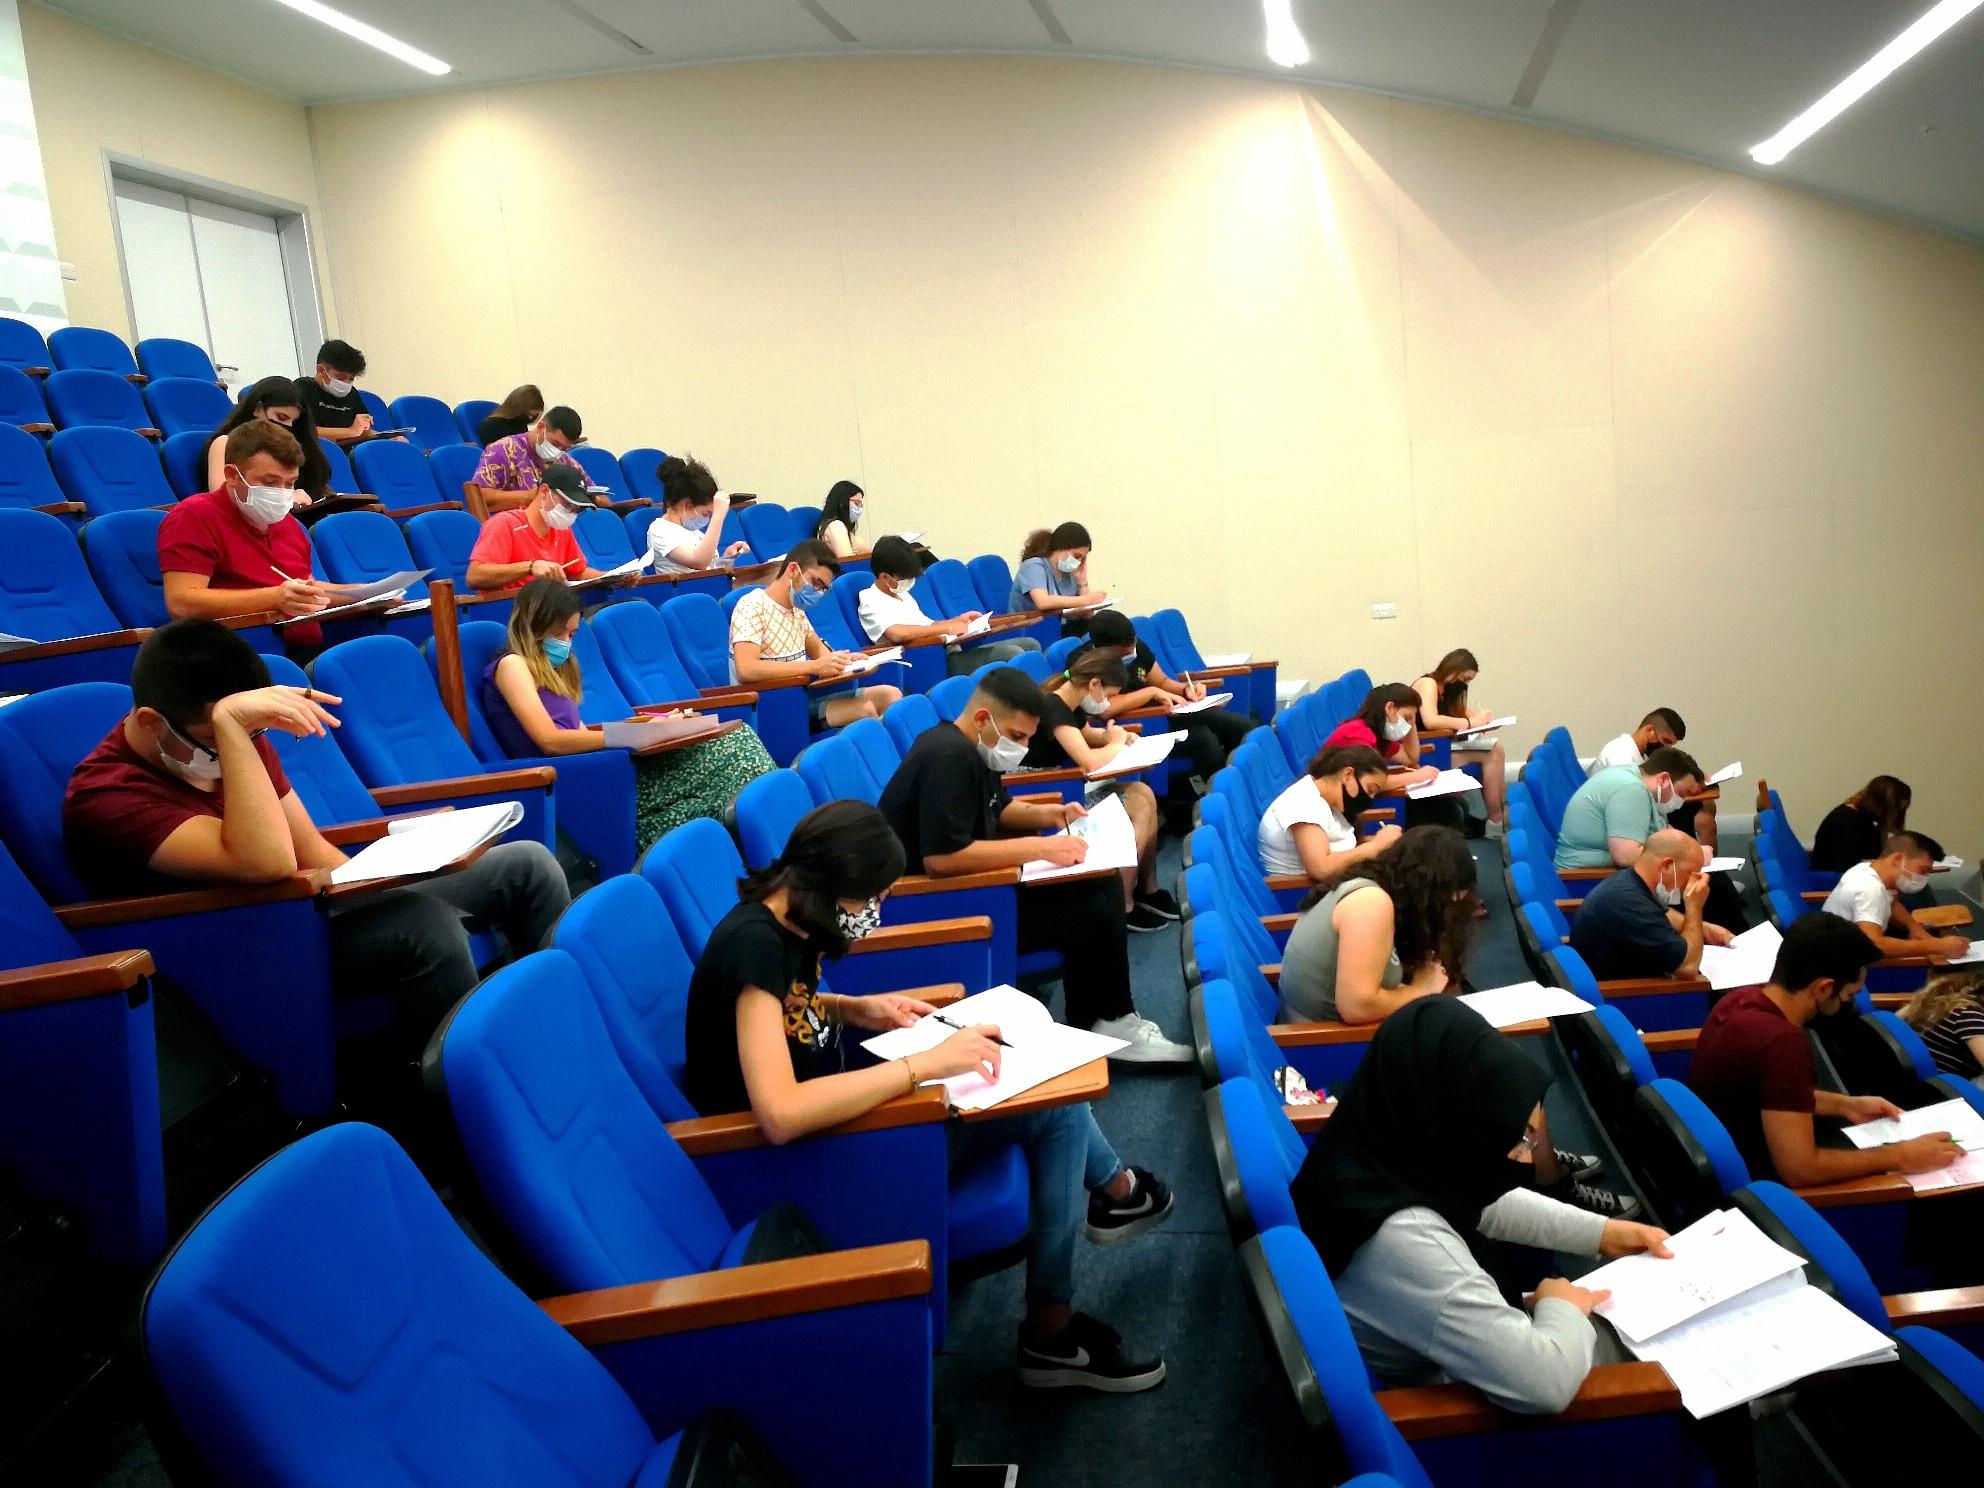 Yakın Doğu Üniversitesi KKTC Öğrenci Yerleştirme ve Burs Sıralama Sınavı Gerçekleştirildi